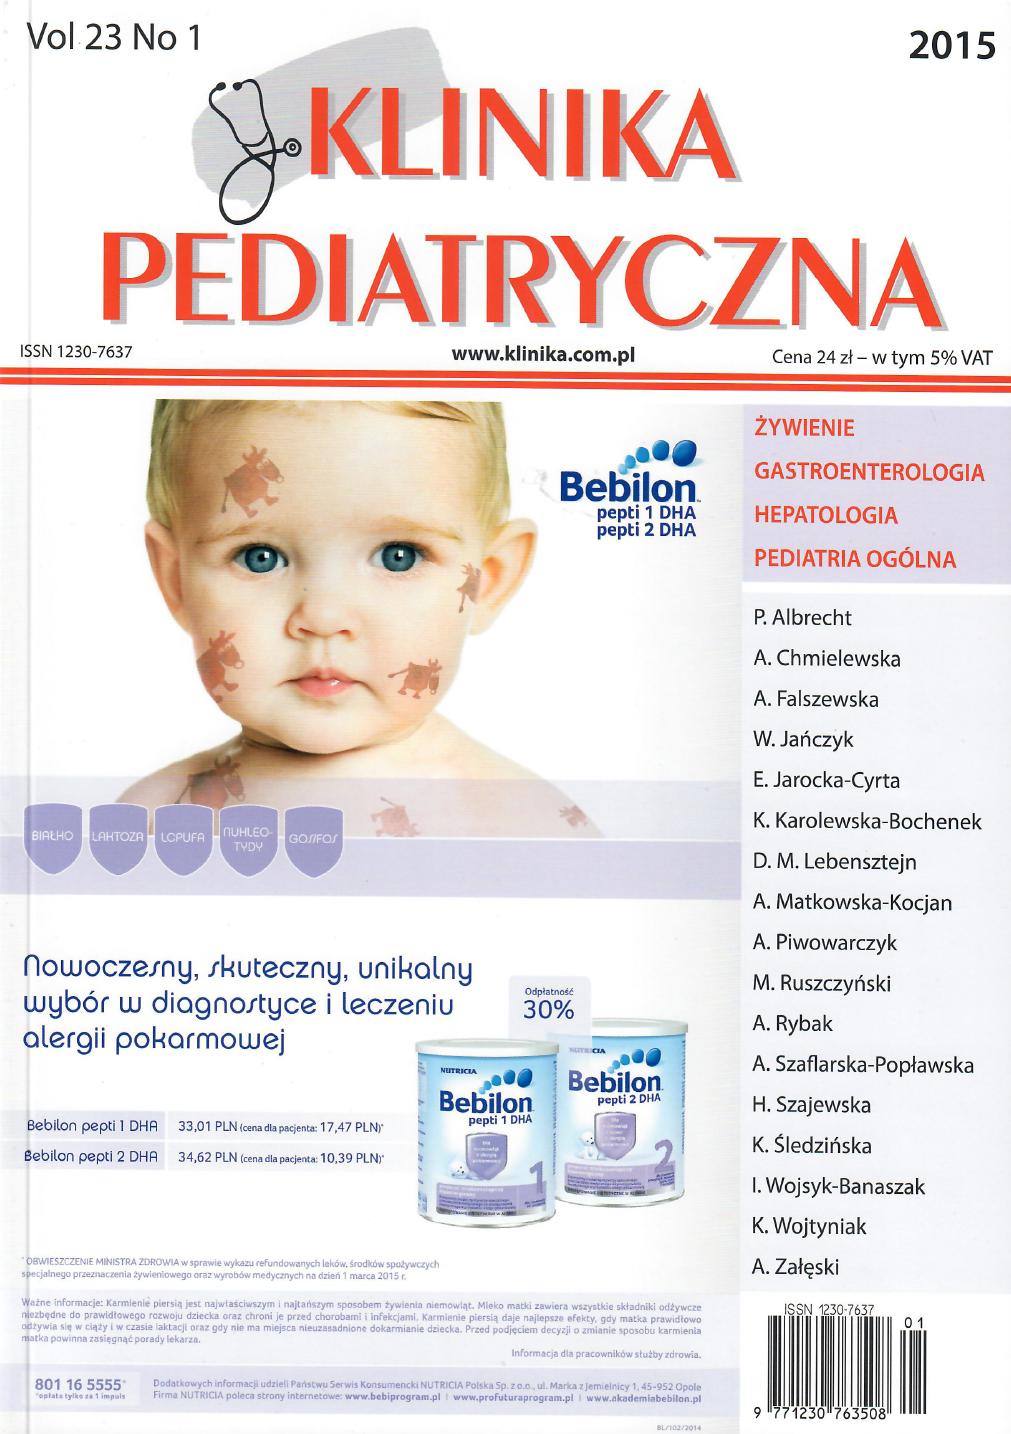 KP 2015/01 - Żywienie, Gastroenterologia, Hepatologia, Pediatria Ogólna